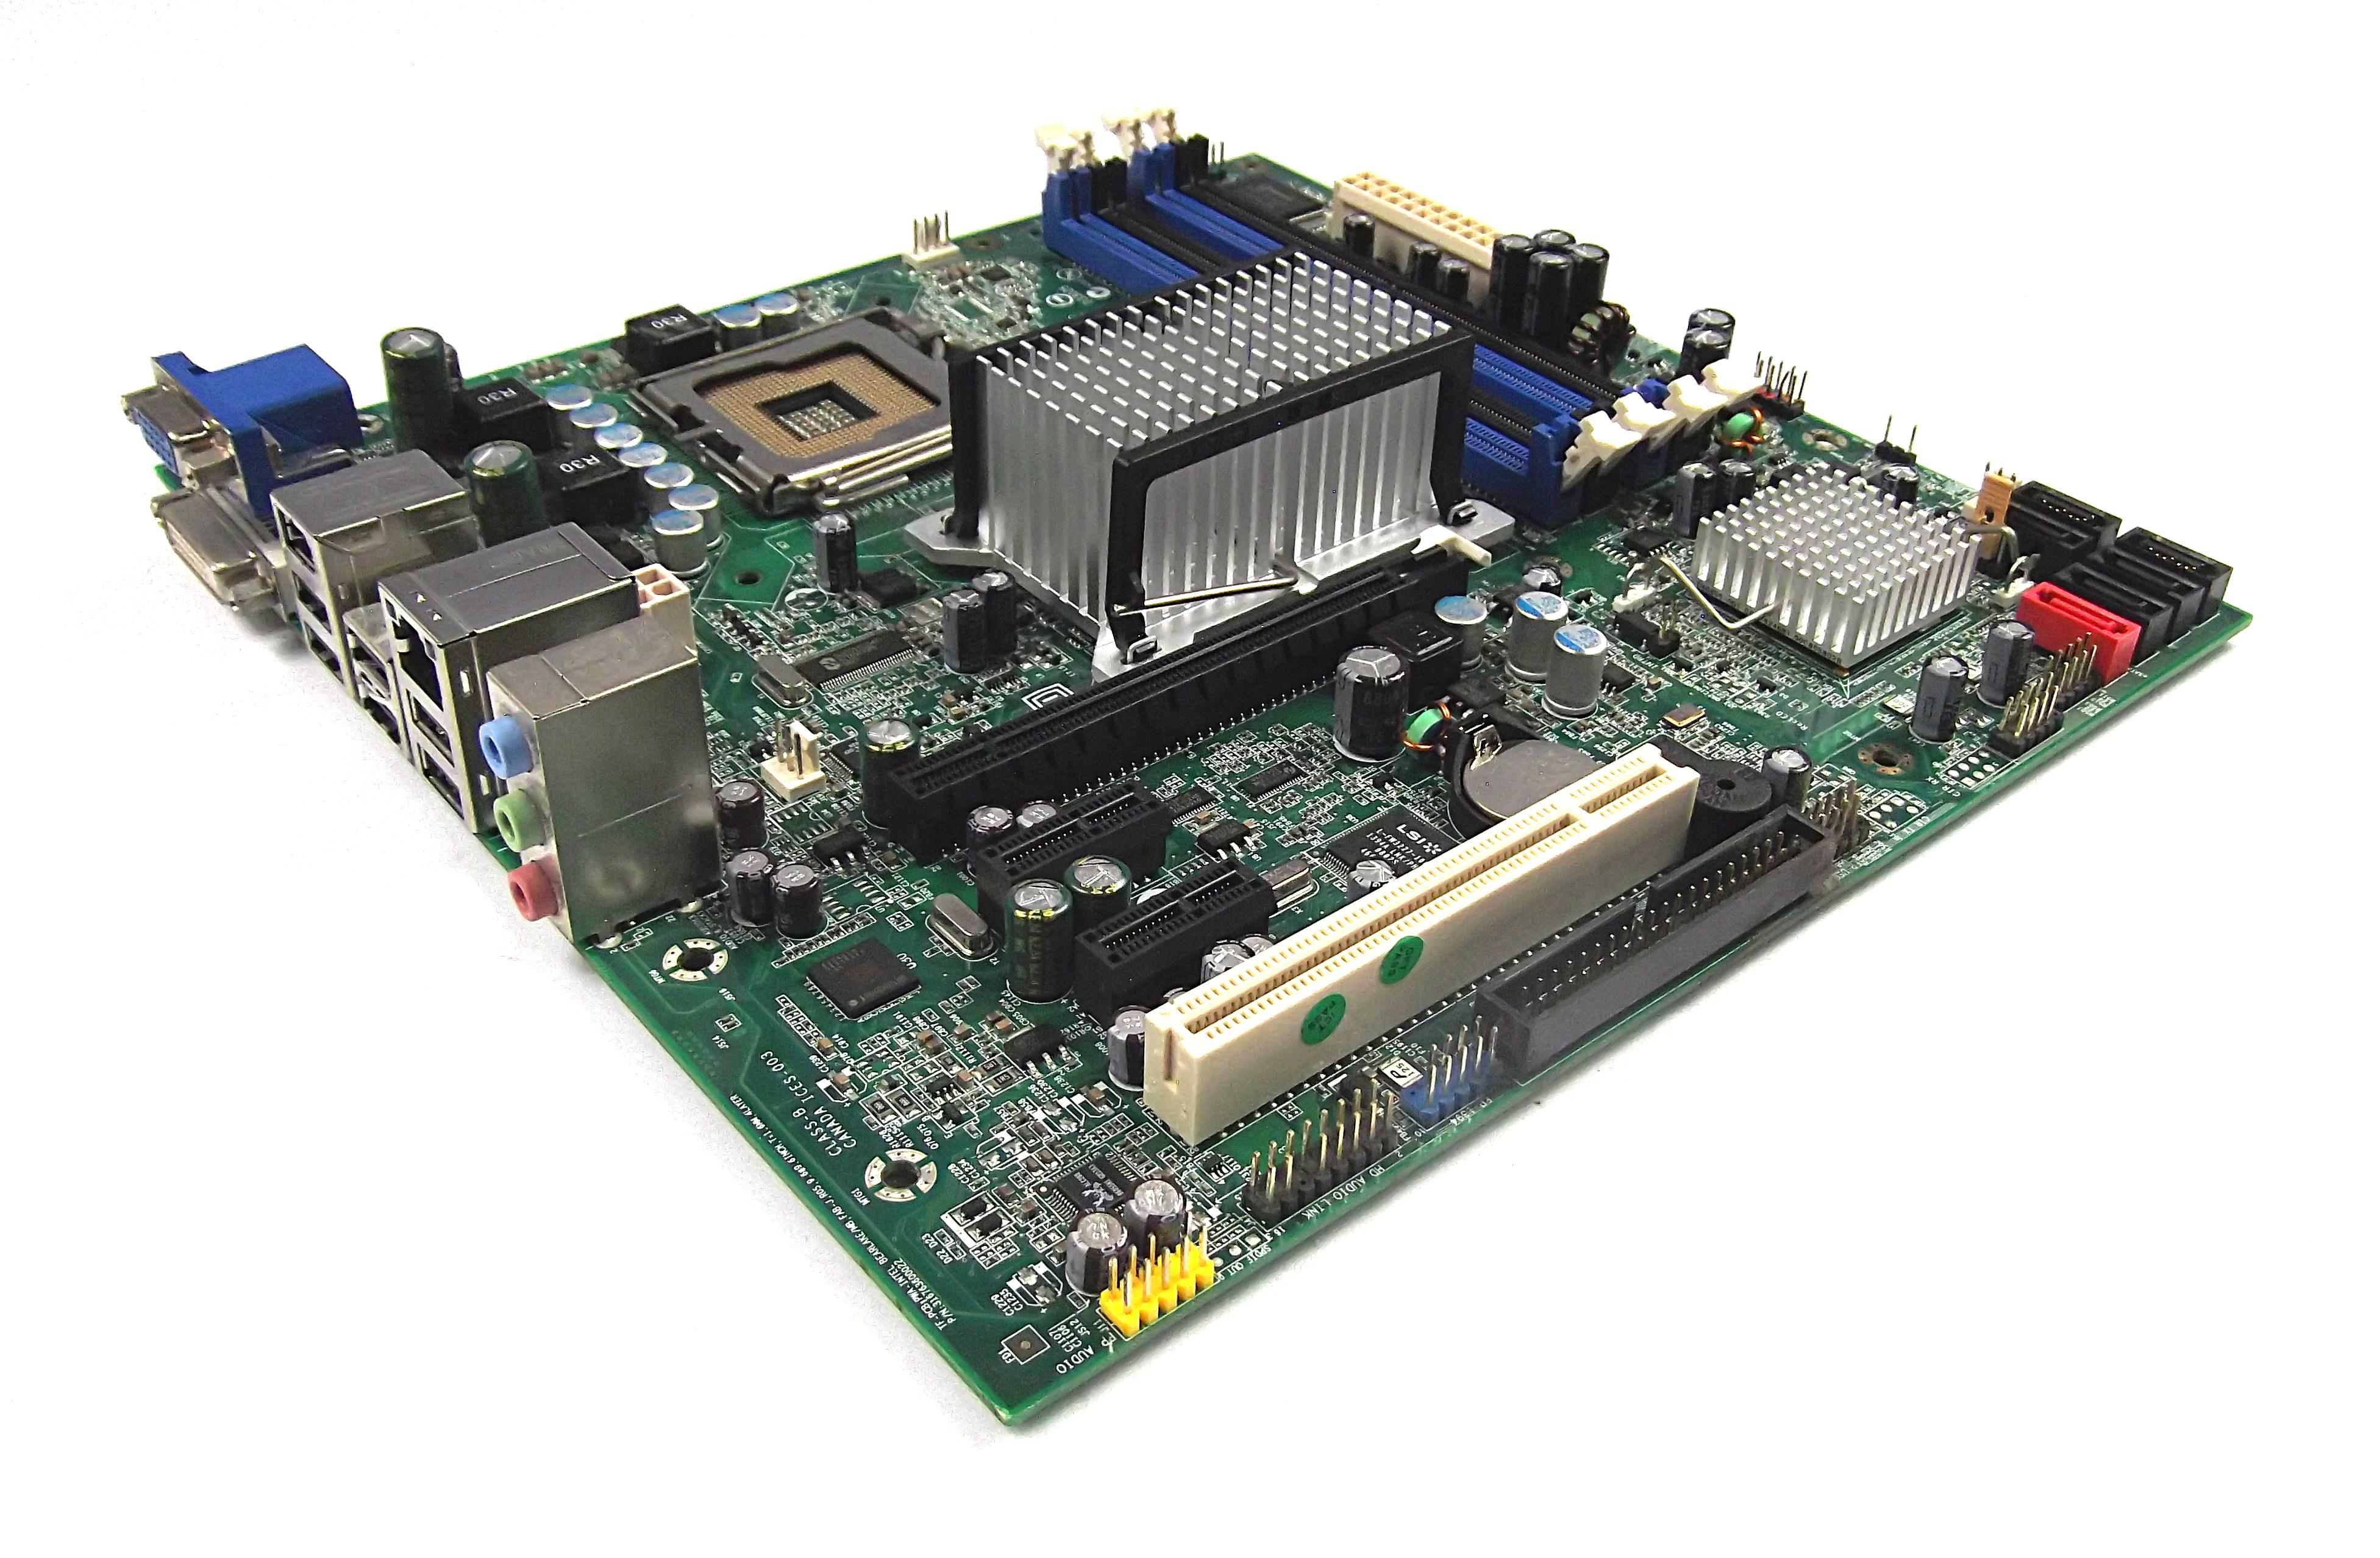 Intel D82085-807 DQ35JOE Socket LGA 775 Motherboard